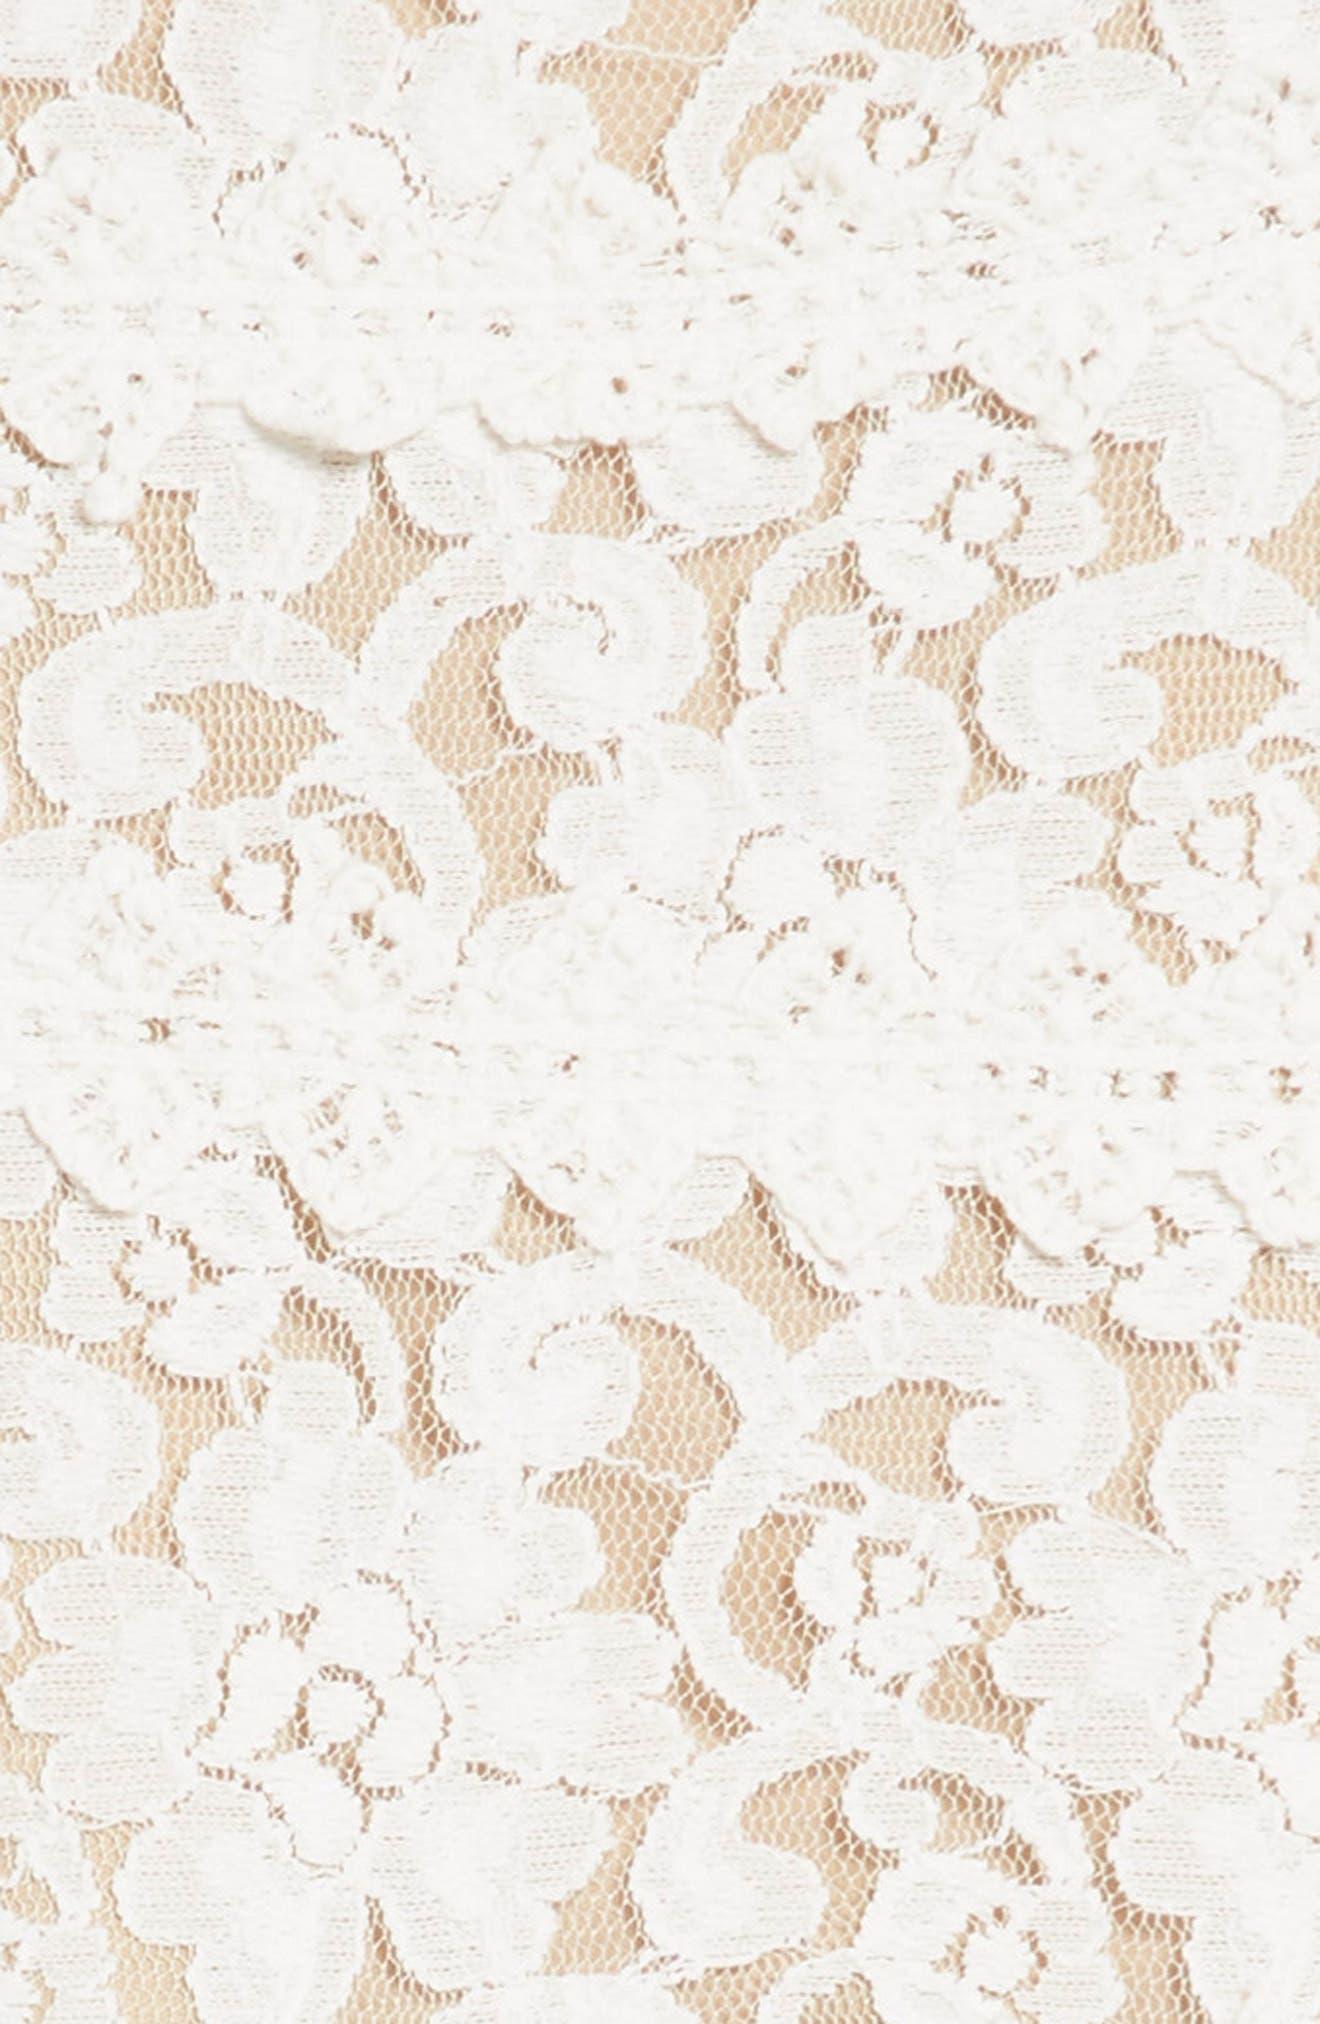 Two Tone Lace Skater Dress,                             Alternate thumbnail 3, color,                             Ivory/ Tan